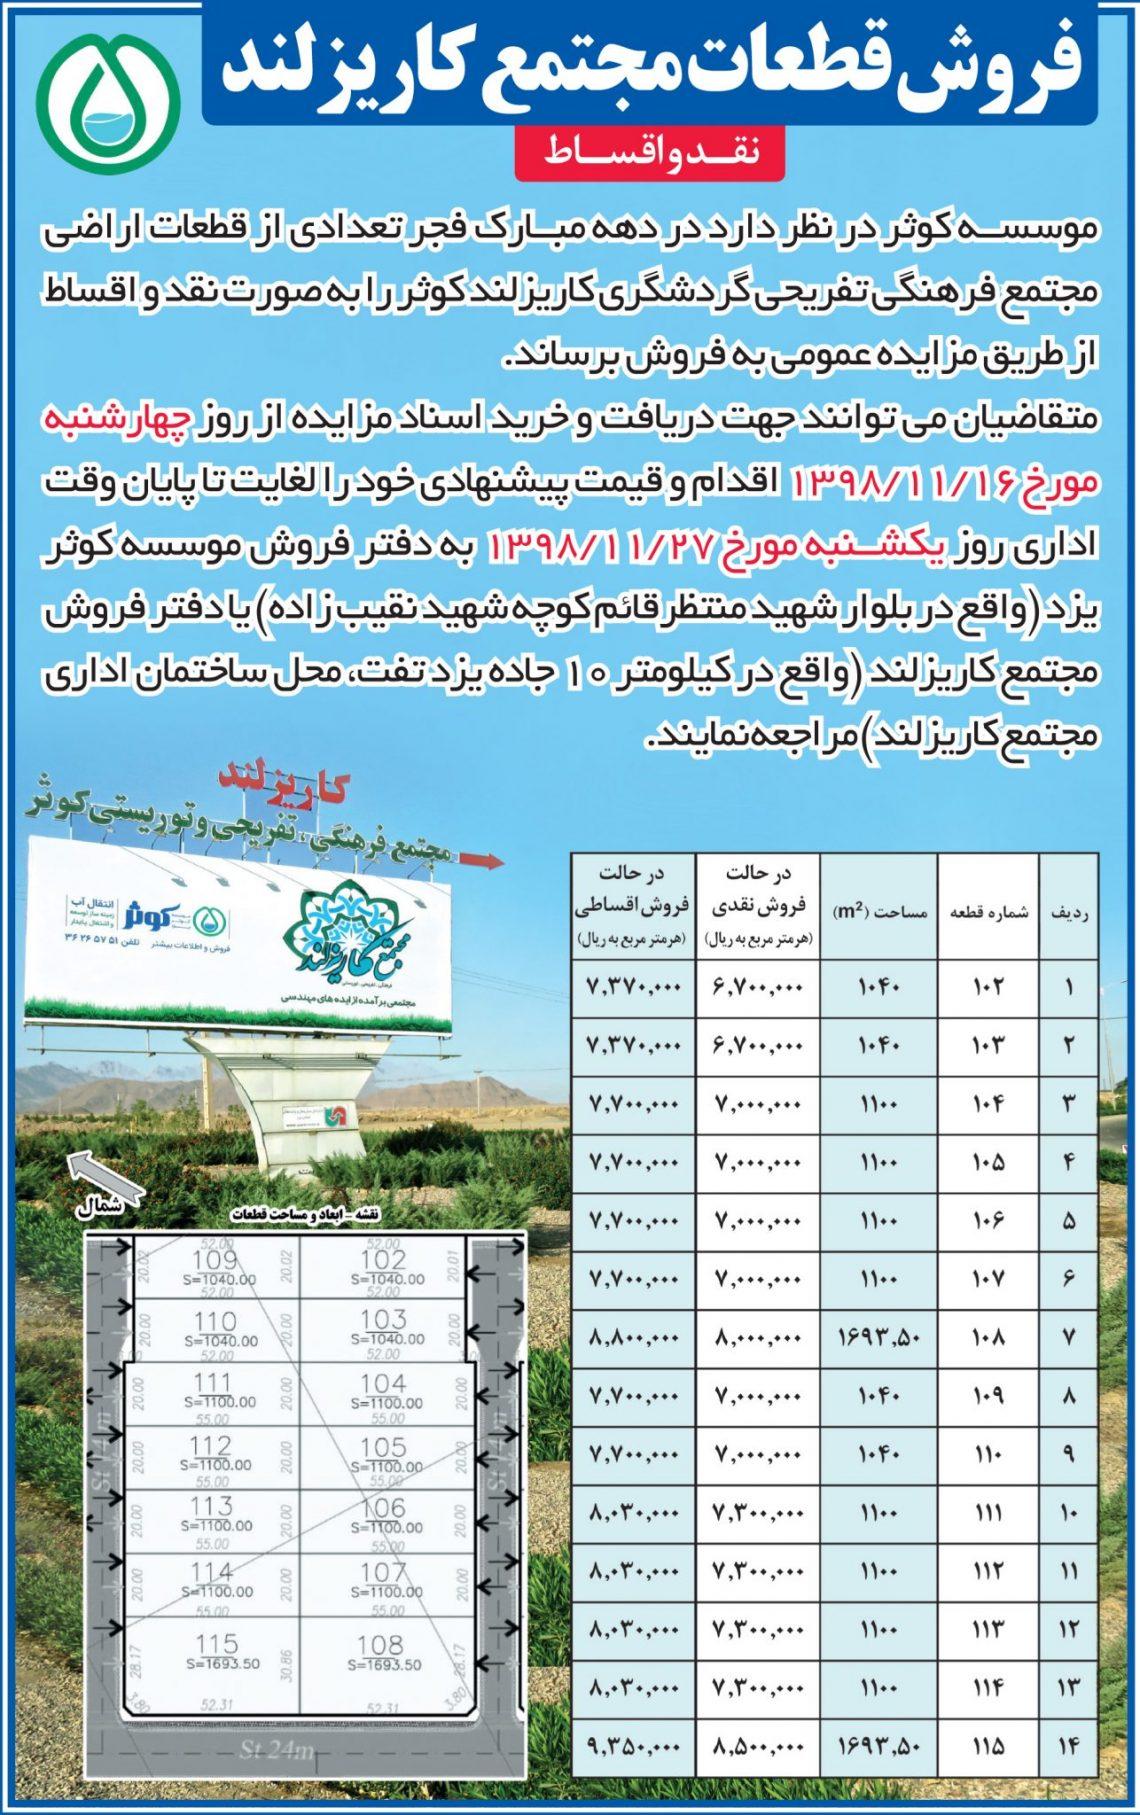 فروش قطعات مجتمع کاریزبوم / بهمن ماه 1398